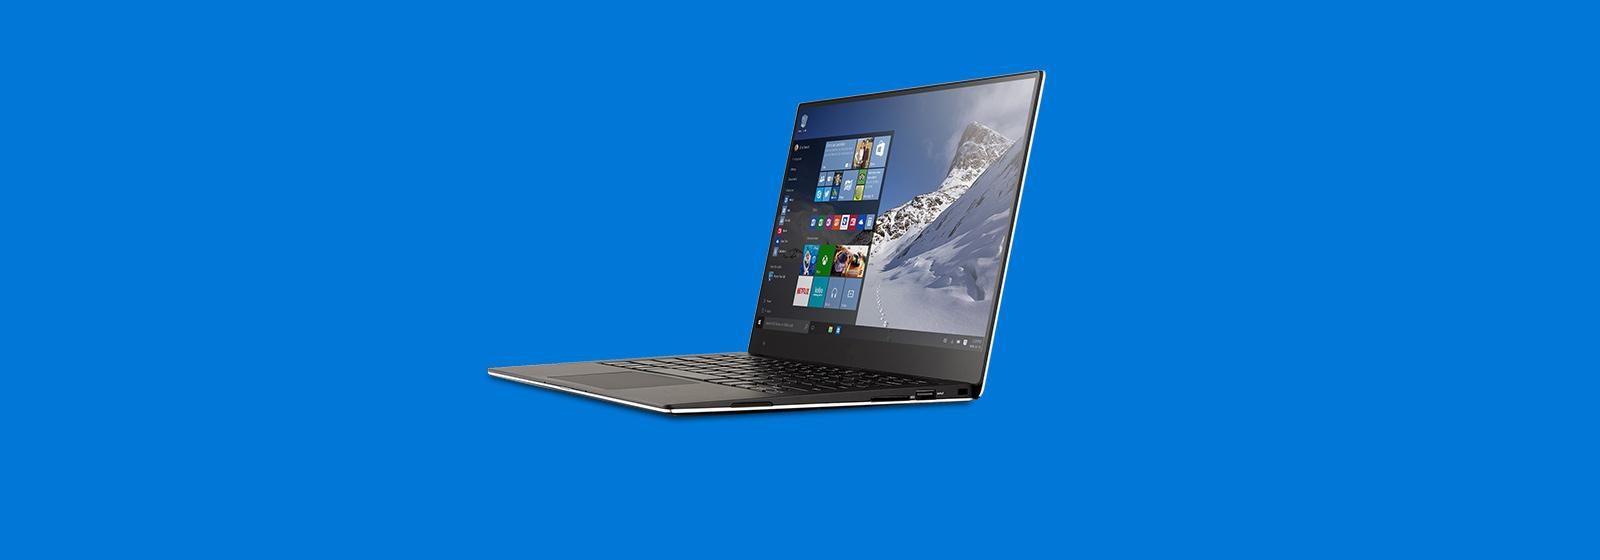 Система Windows10 виходить уже незабаром. Дізнайтеся докладніше про неї.